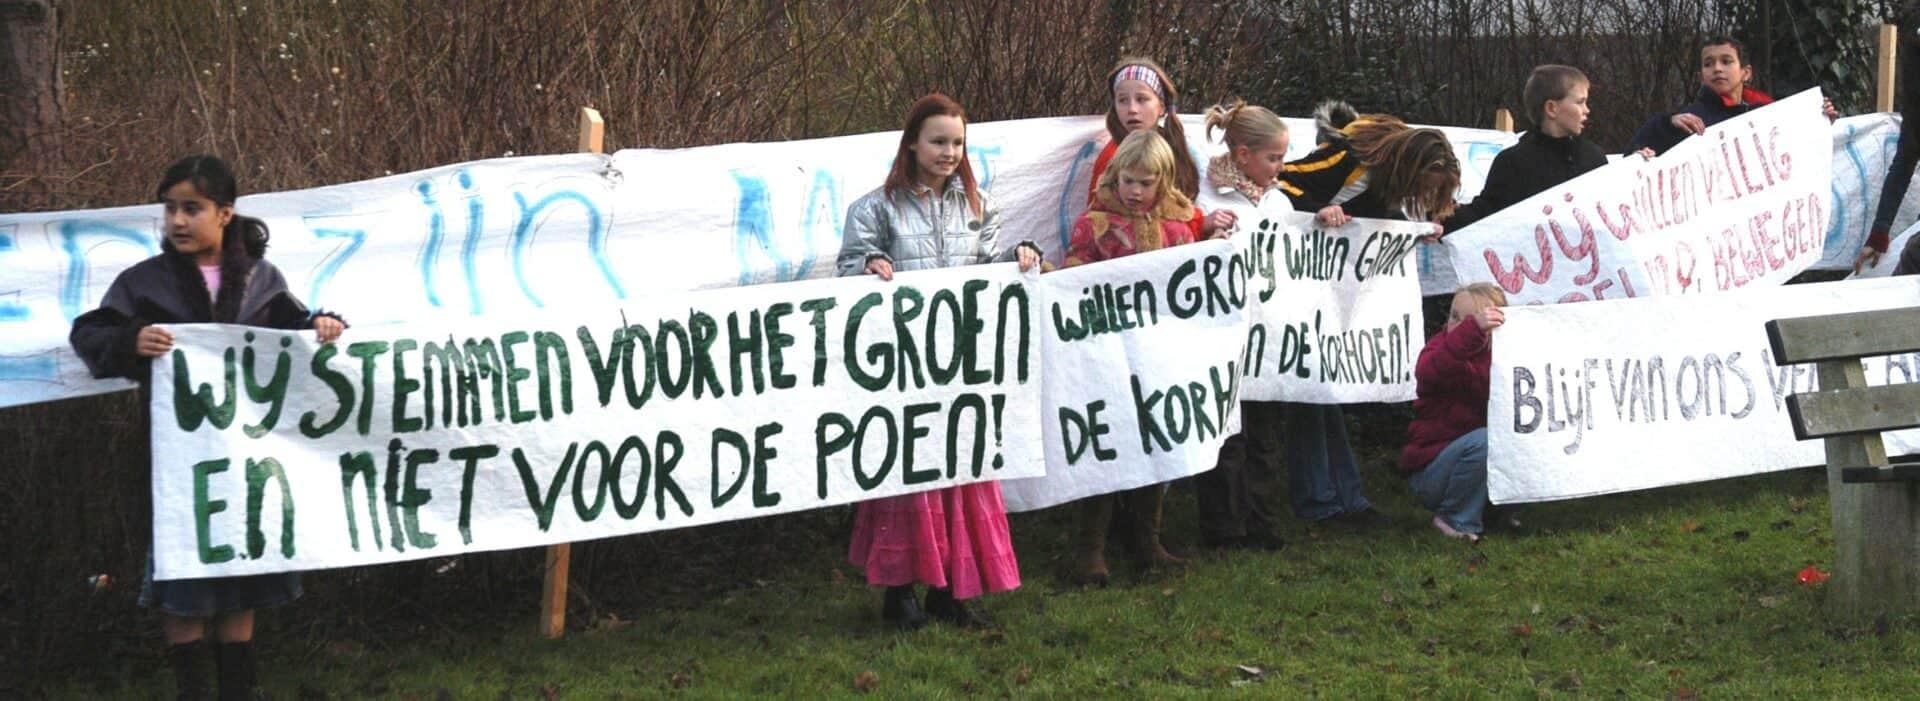 Actiegroep-2005-spandoeken